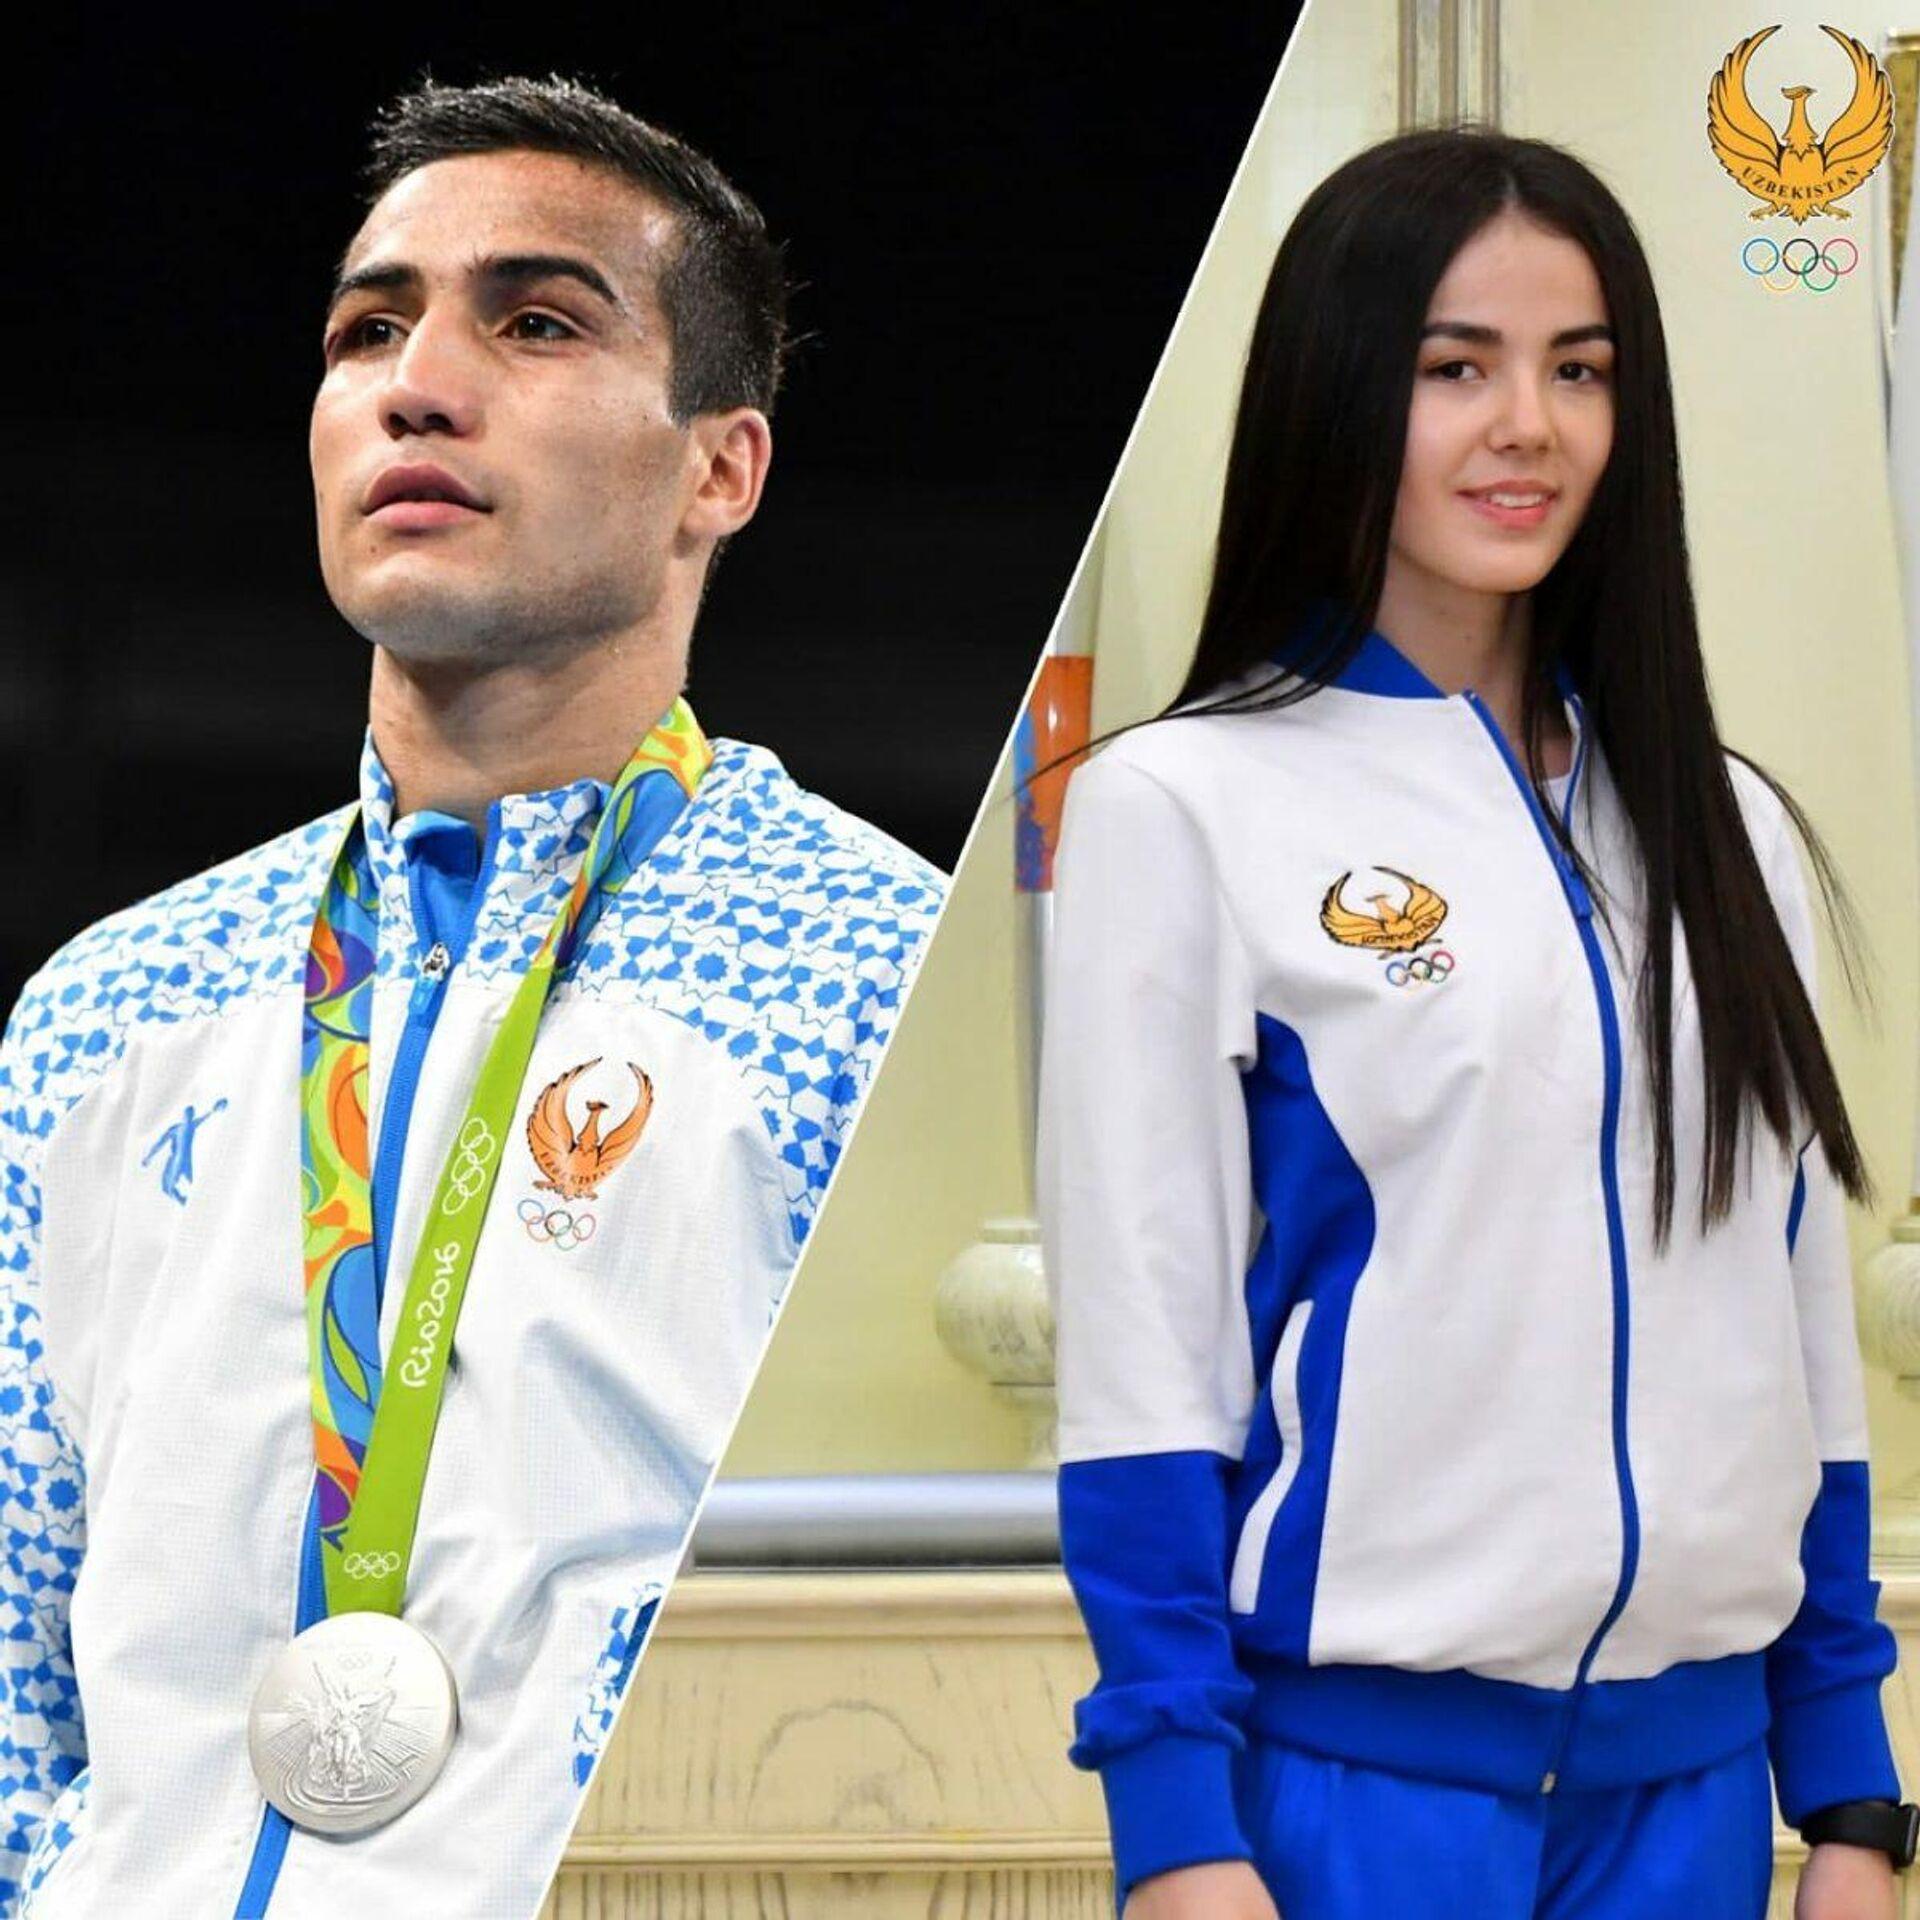 Боксер Шахрам Гиясов и гимнастка Нилуфар Шомурадова отмечают день рождения 7 июля - Sputnik Узбекистан, 1920, 07.07.2021